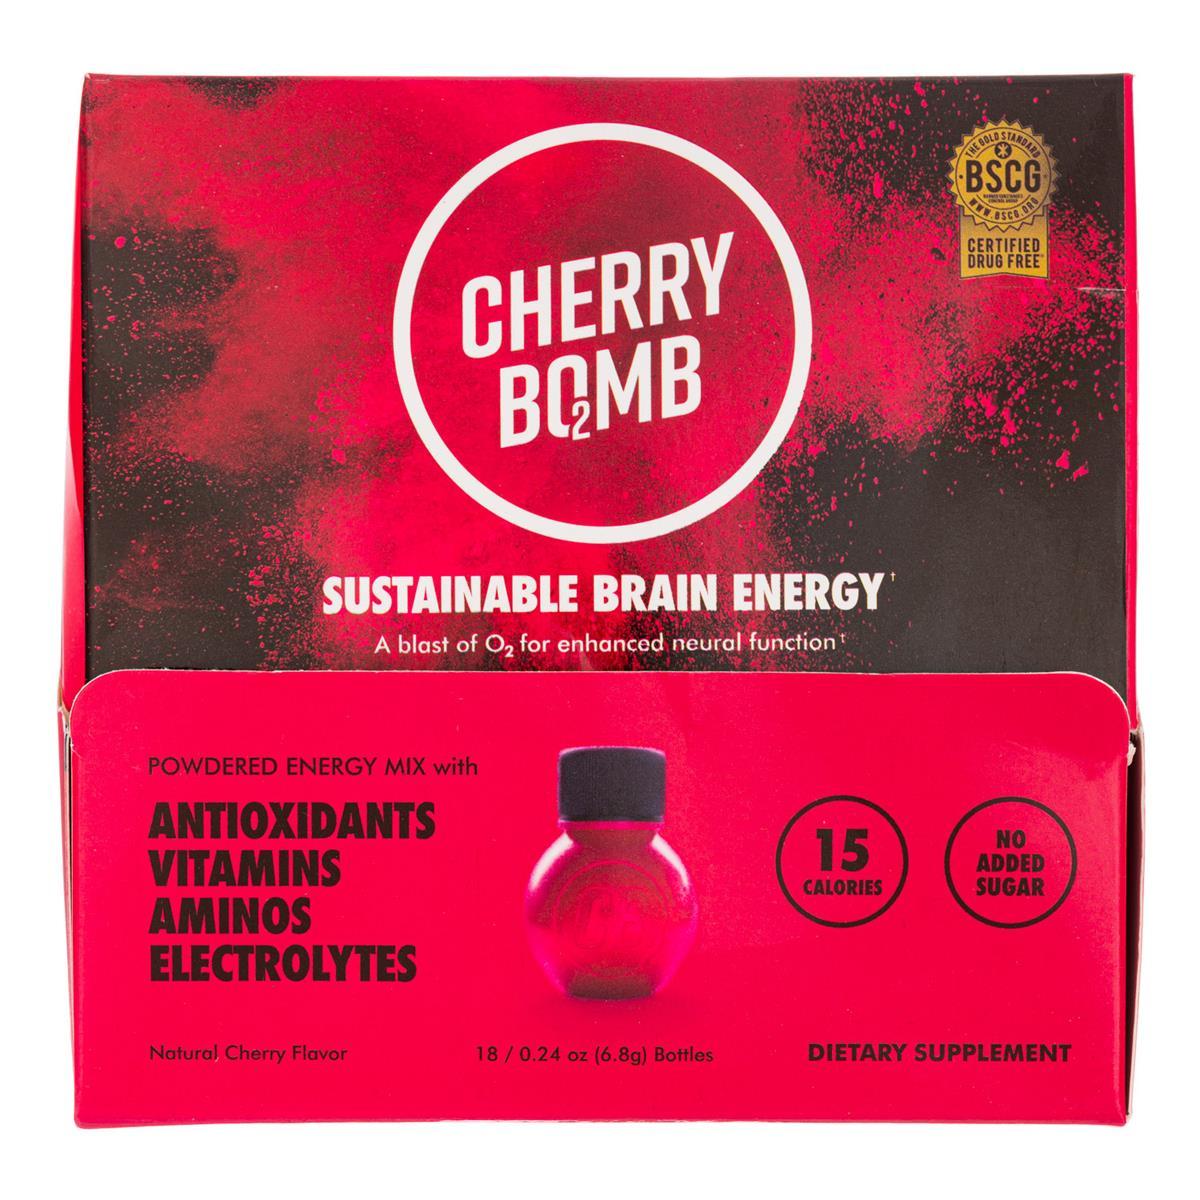 Cherry Bo2mb Energy Mix